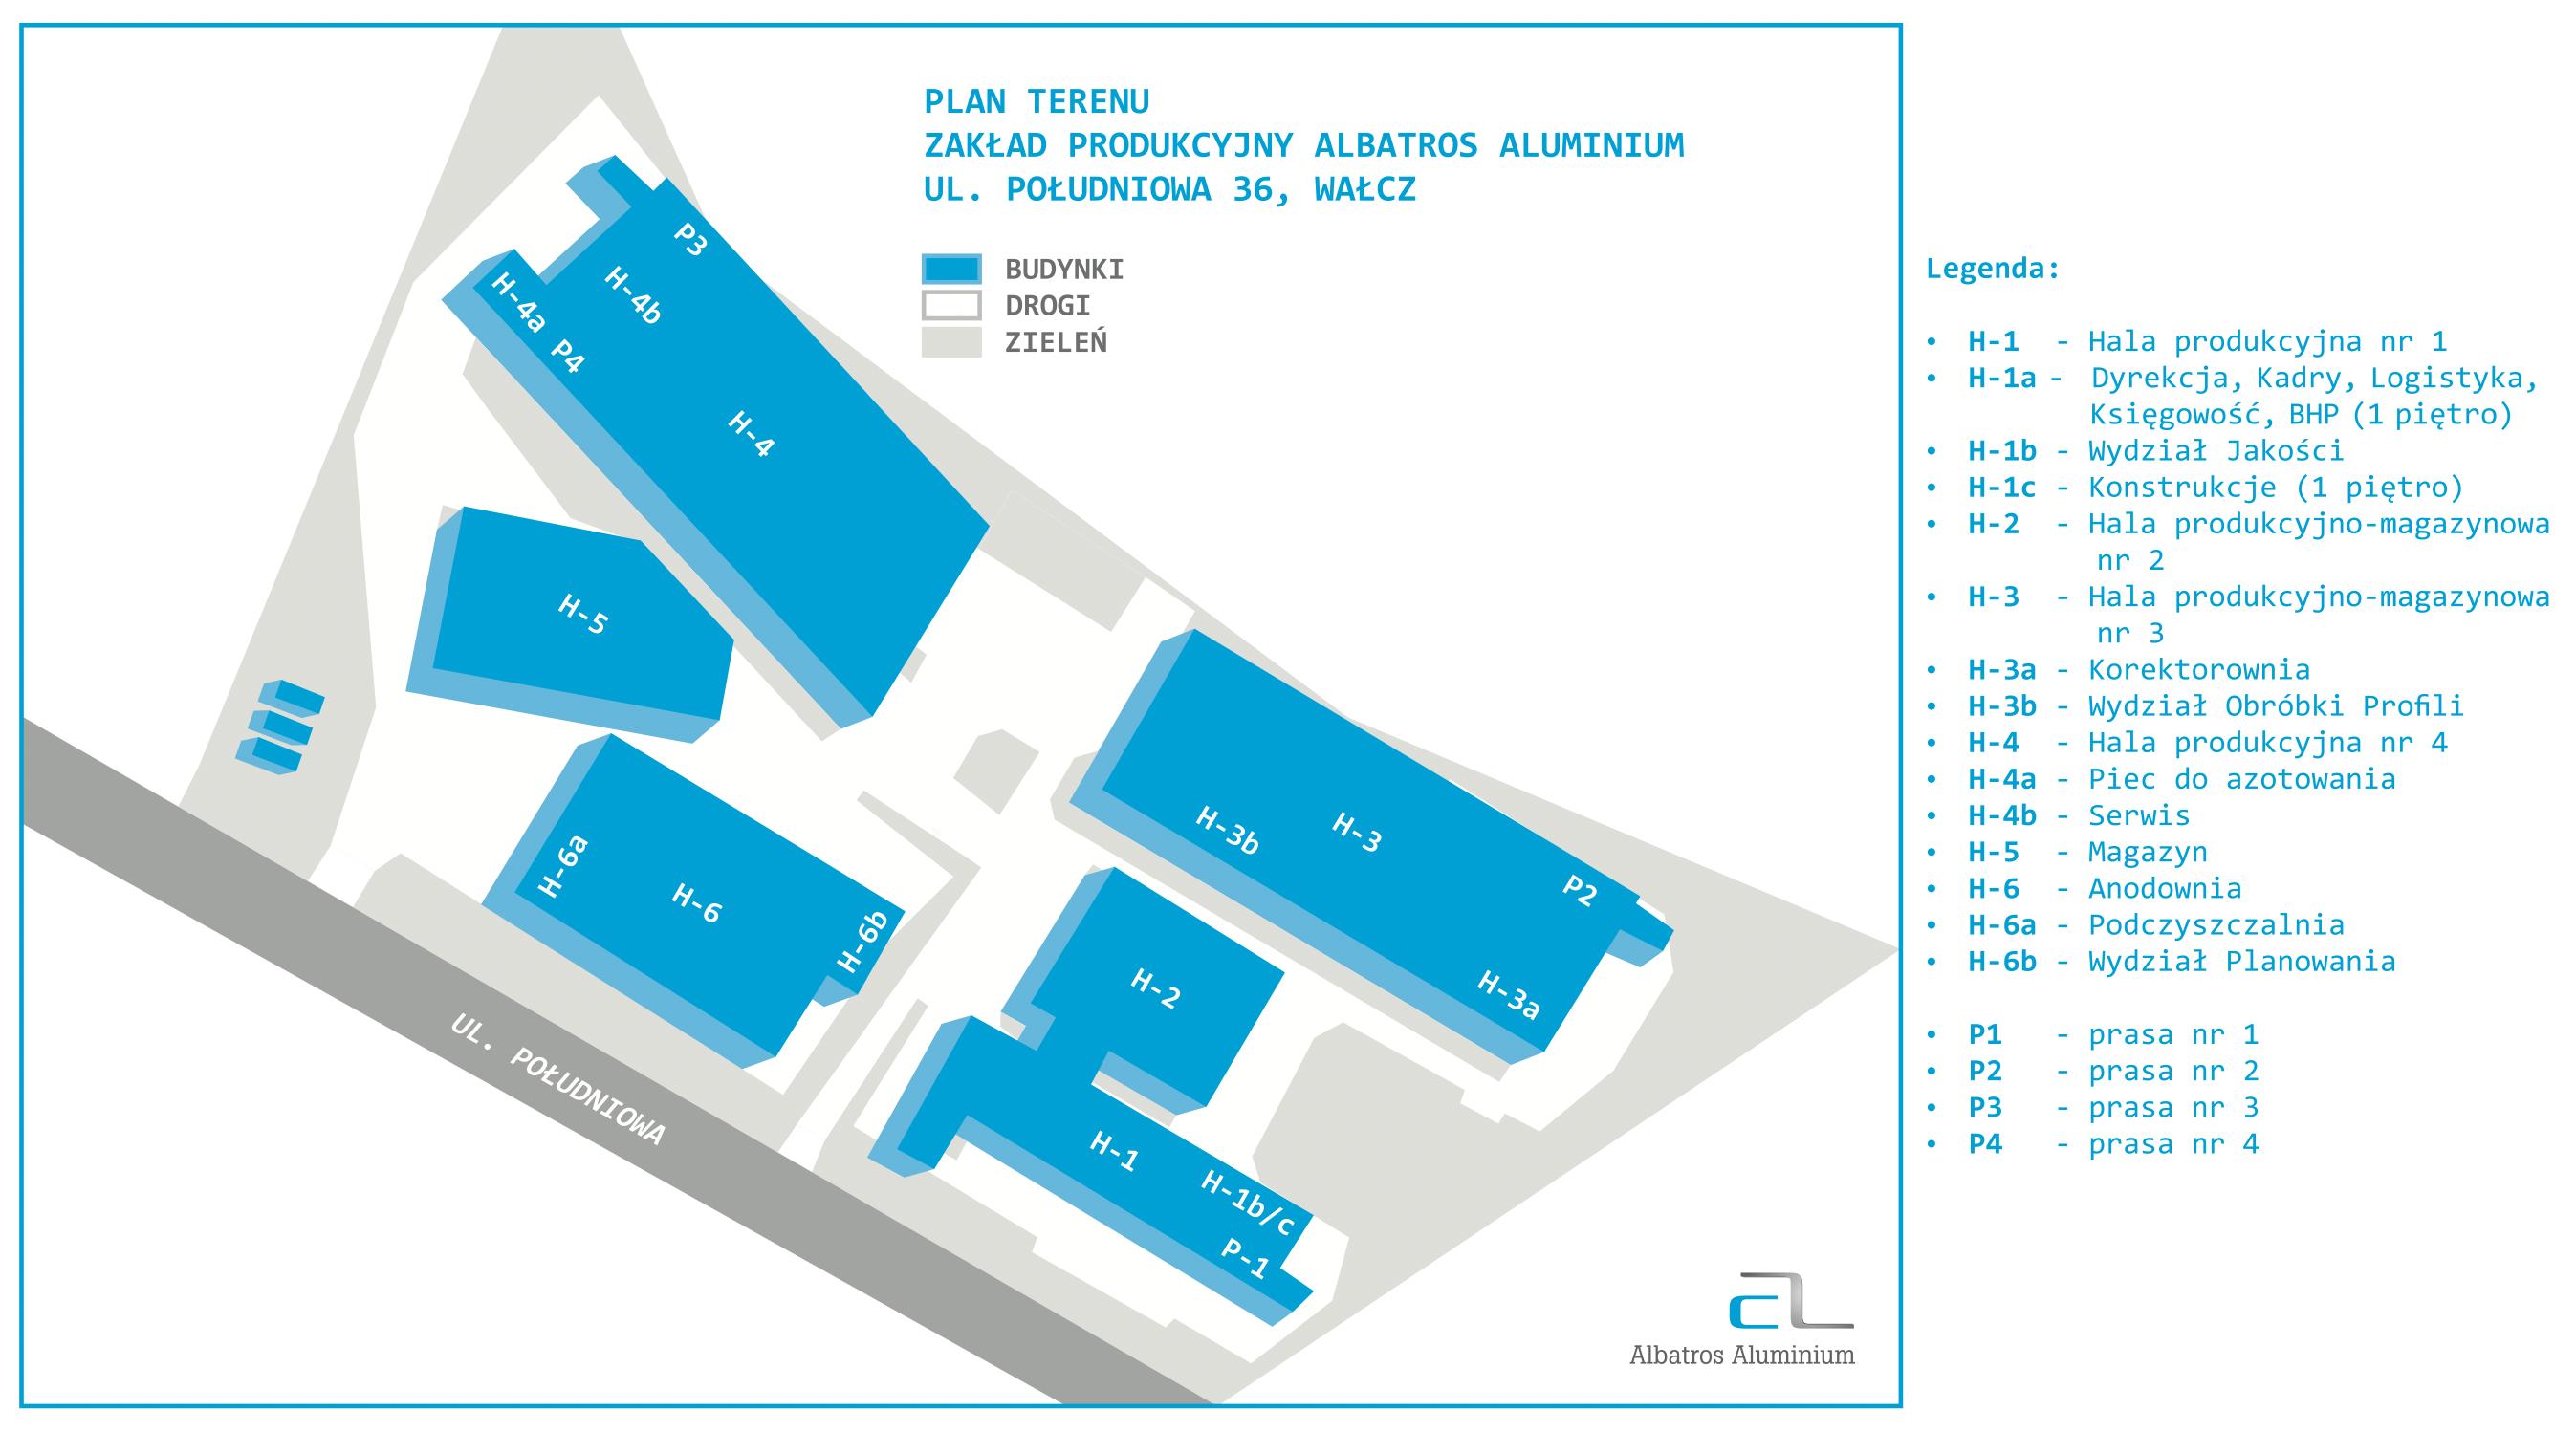 albatros_mapa_zakladu